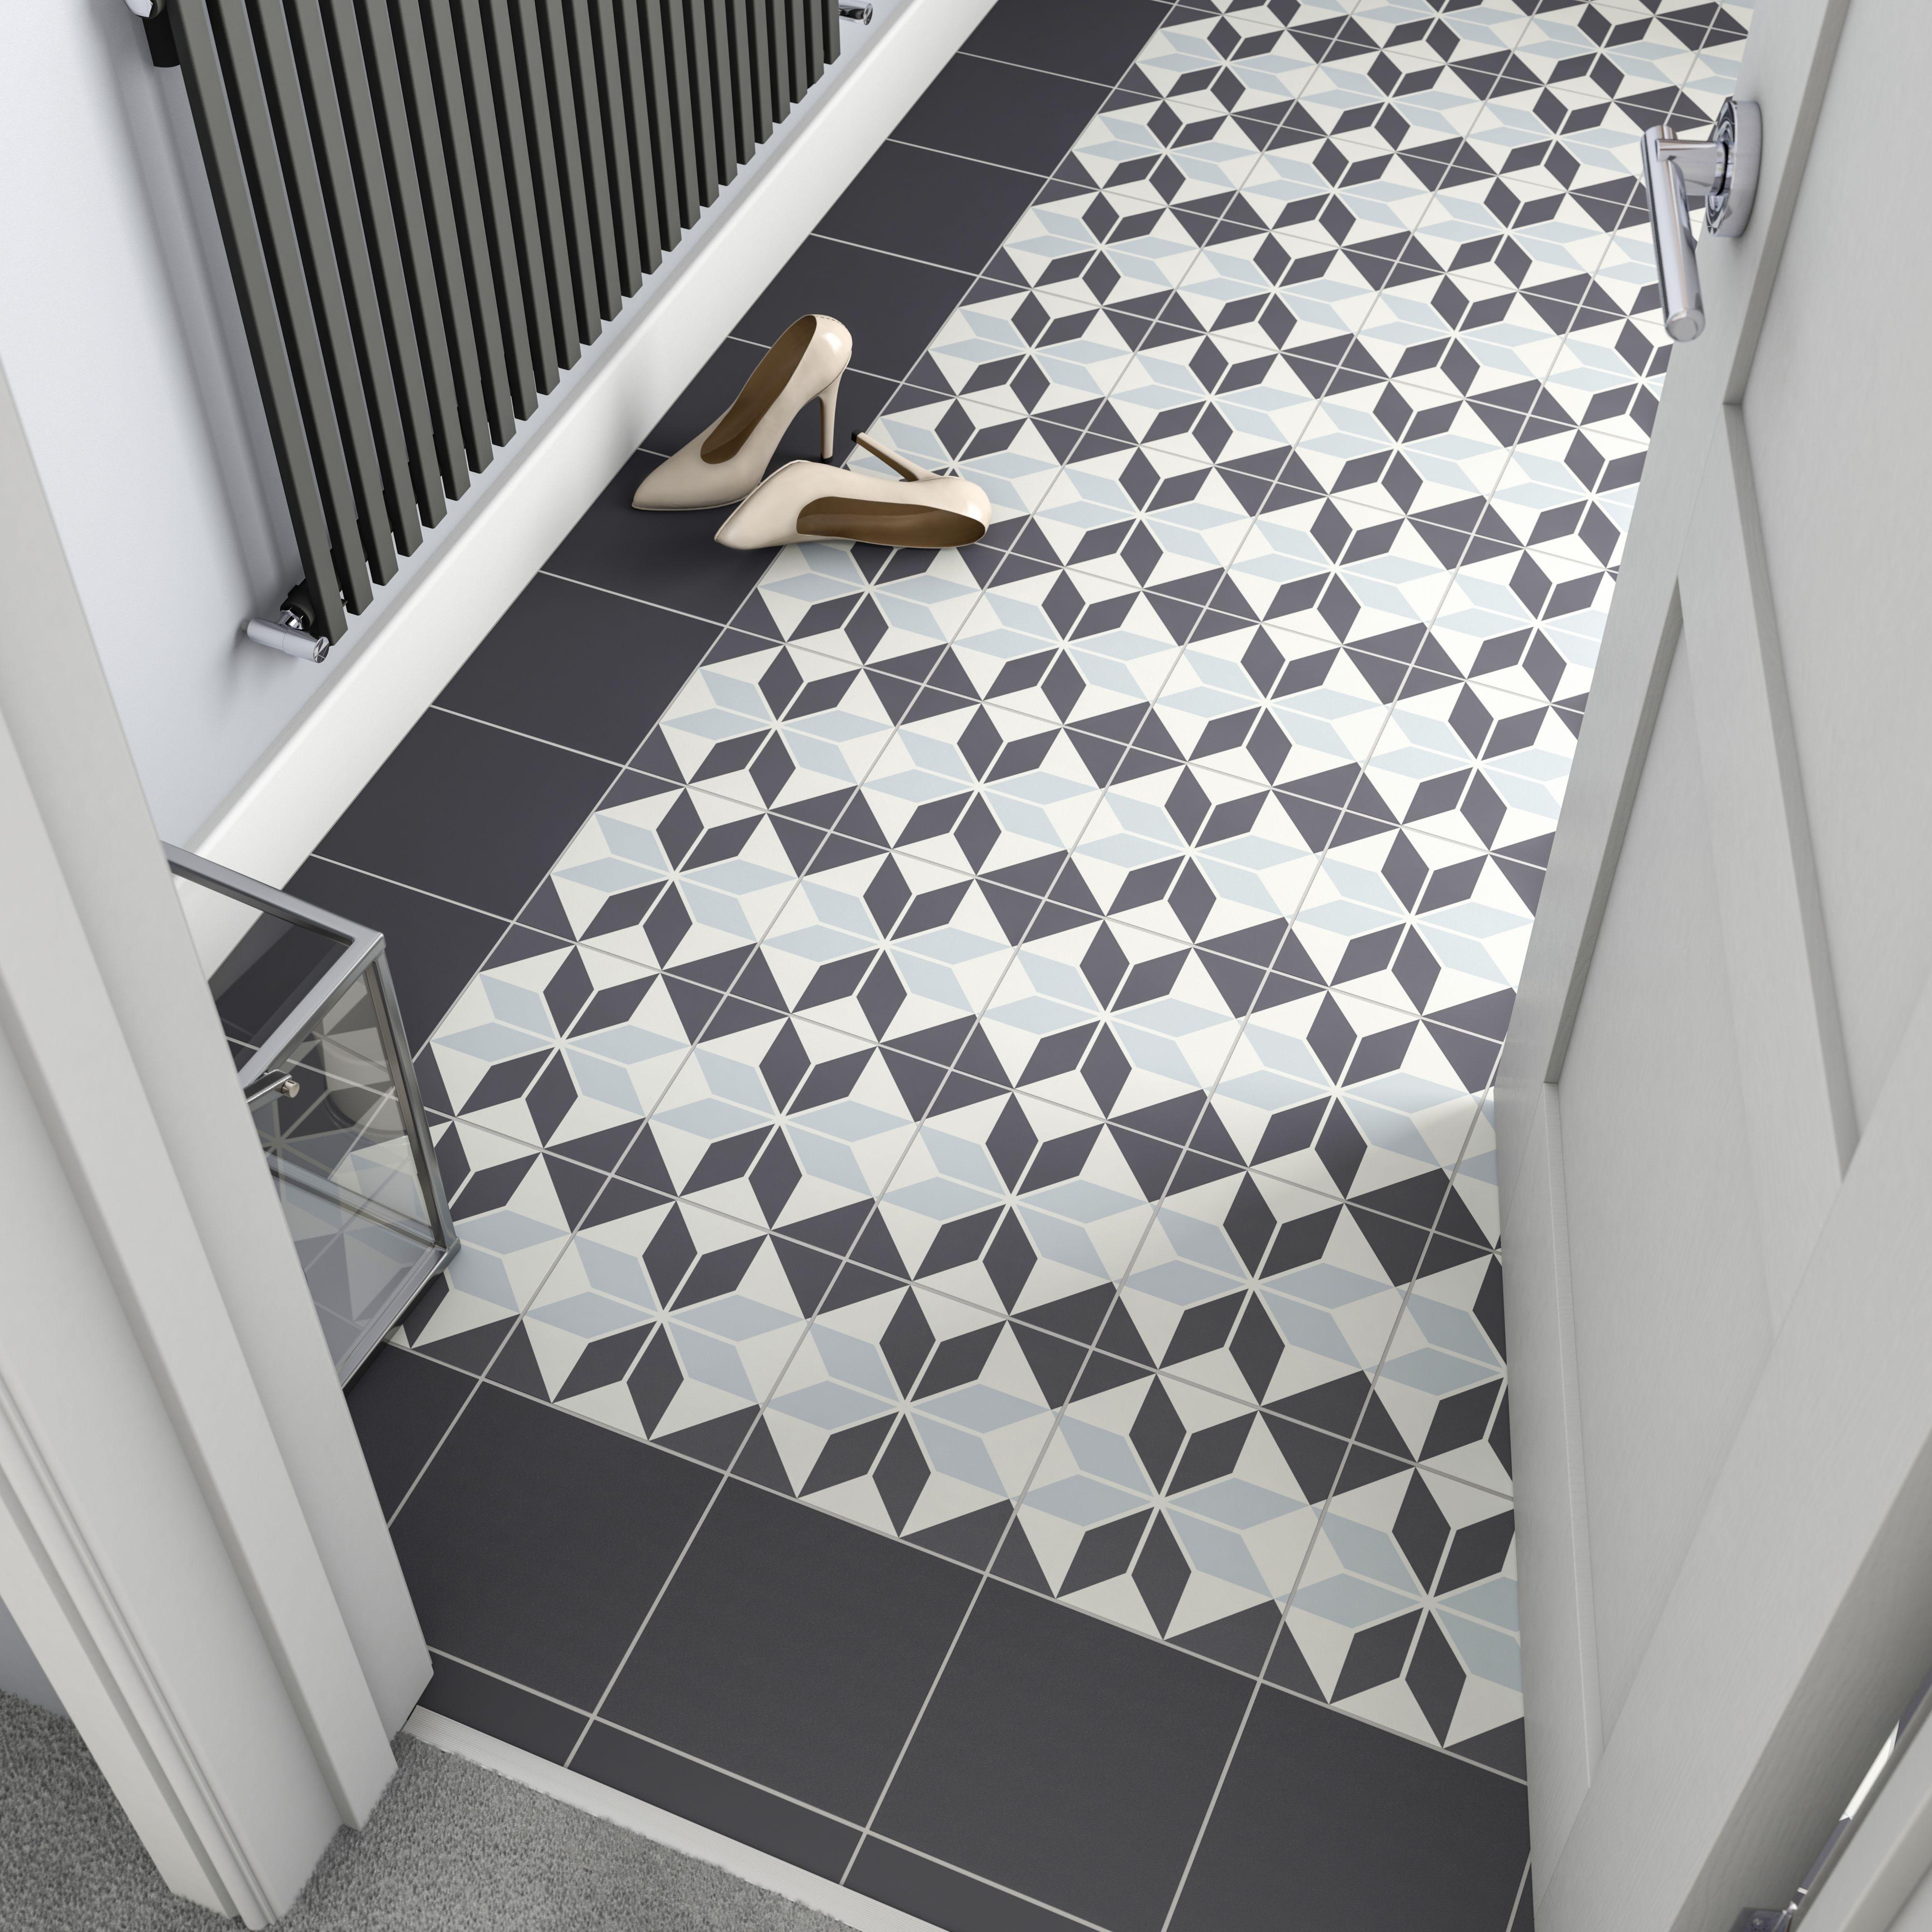 Hydrolic Black White Matt Porcelain Floor Tile Pack Of 25 L 200mm W 200mm Porcelain Flooring Porcelain Floor Tiles Tile Floor